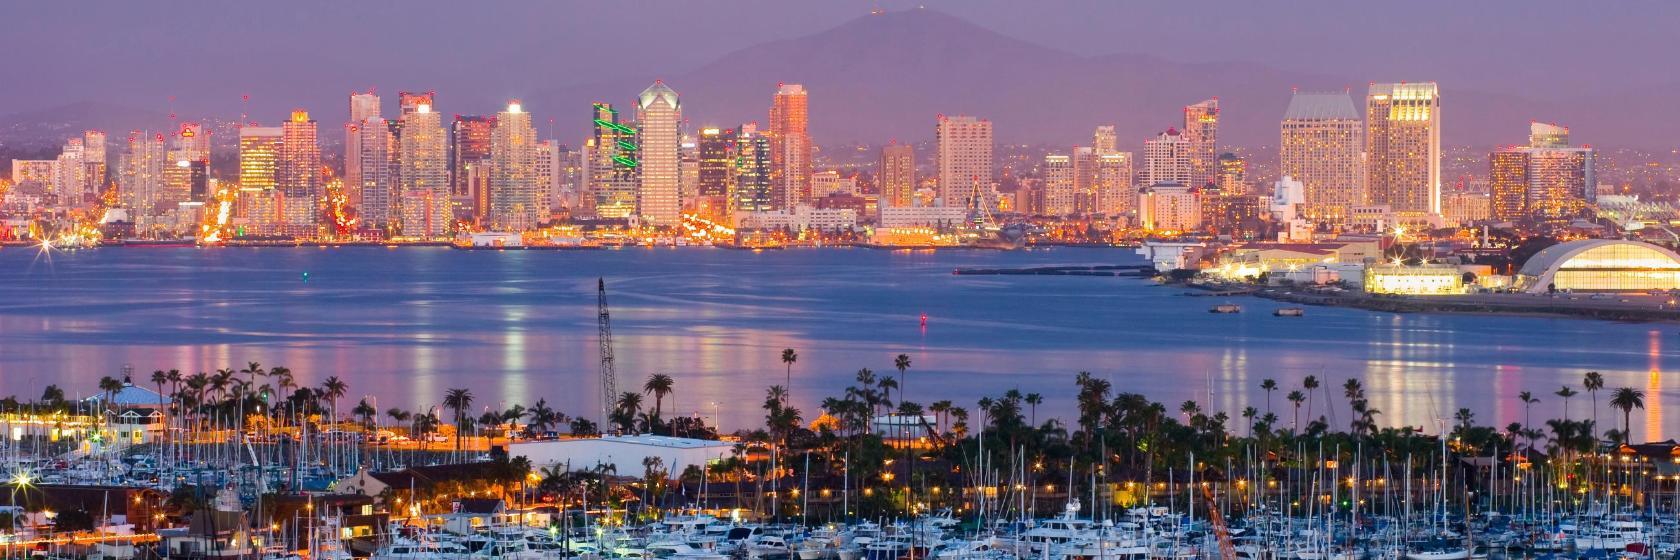 San Diego, California Hotels